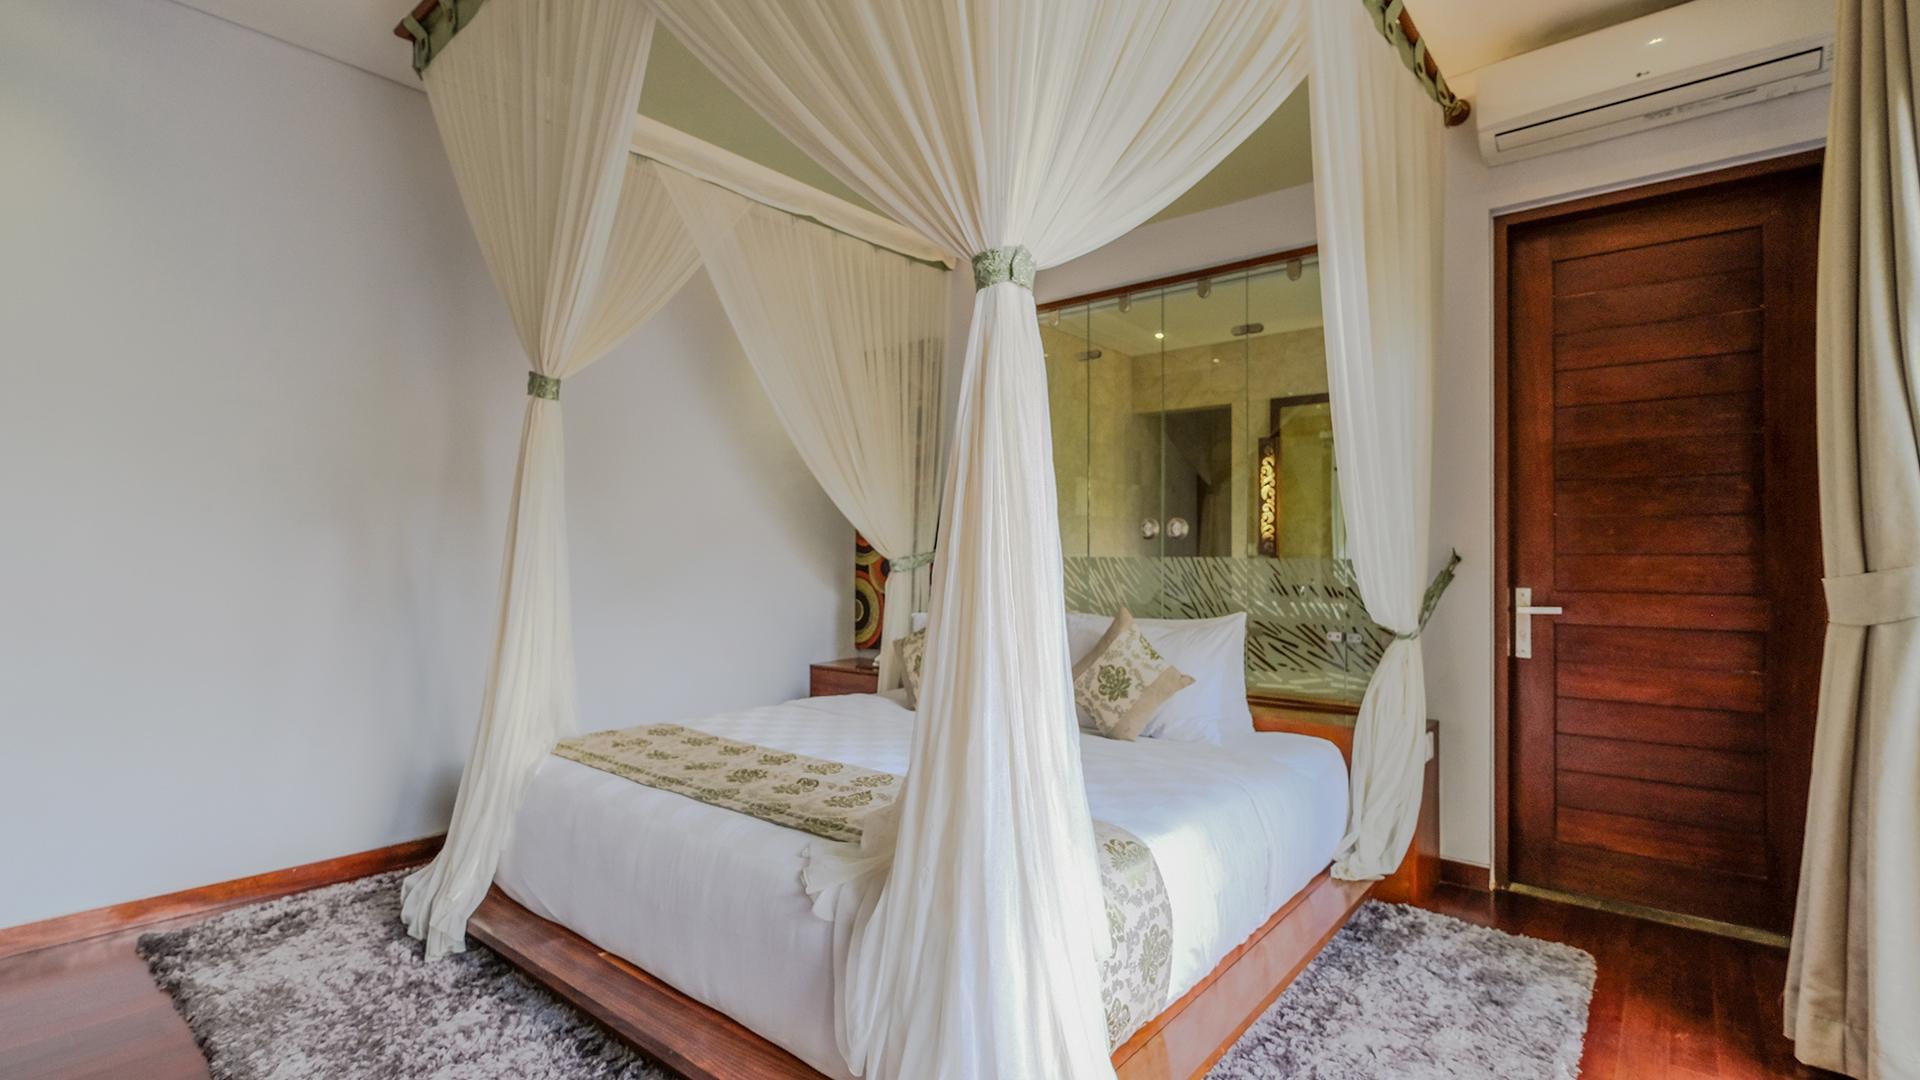 Two-Bedroom Royal Pool Villa  image 1 at The Kasih Villas and Spa by Kabupaten Badung, Bali, Indonesia